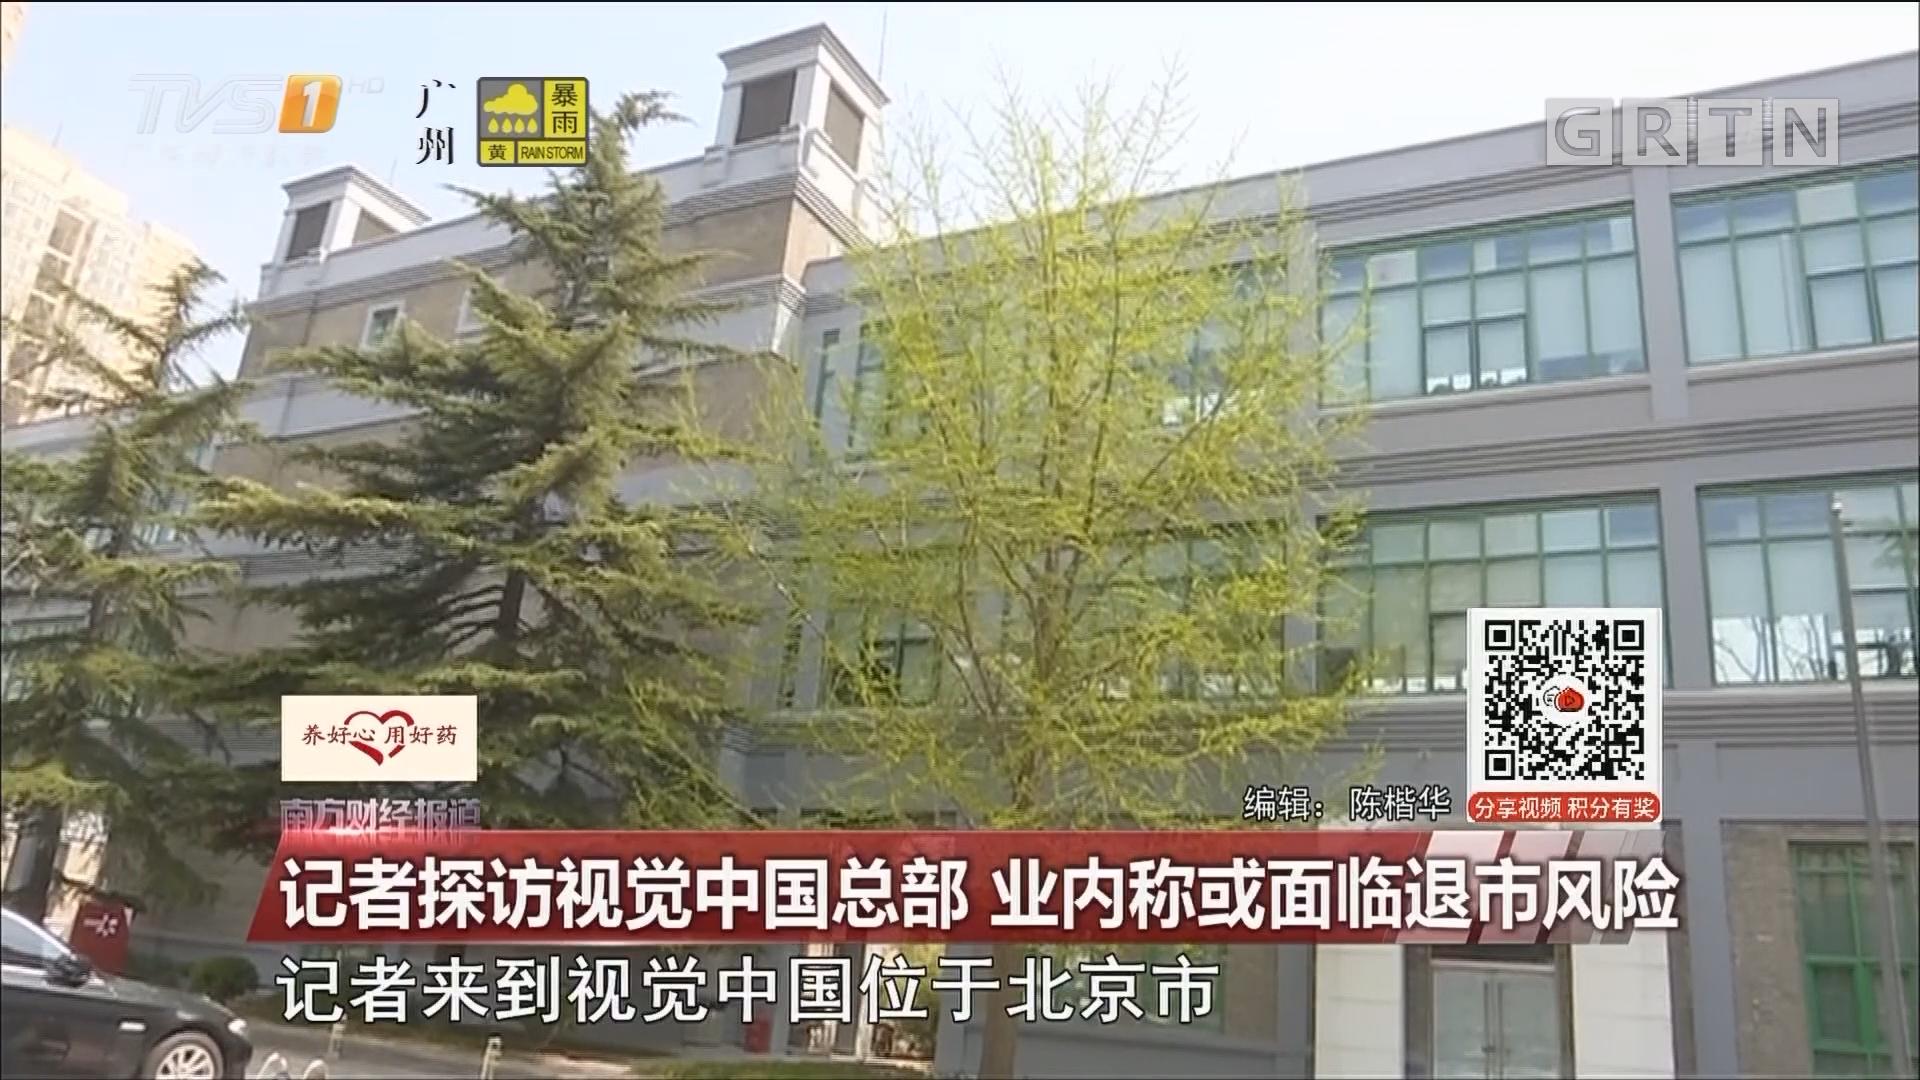 记者探访视觉中国总部 业内称或面临退市风险